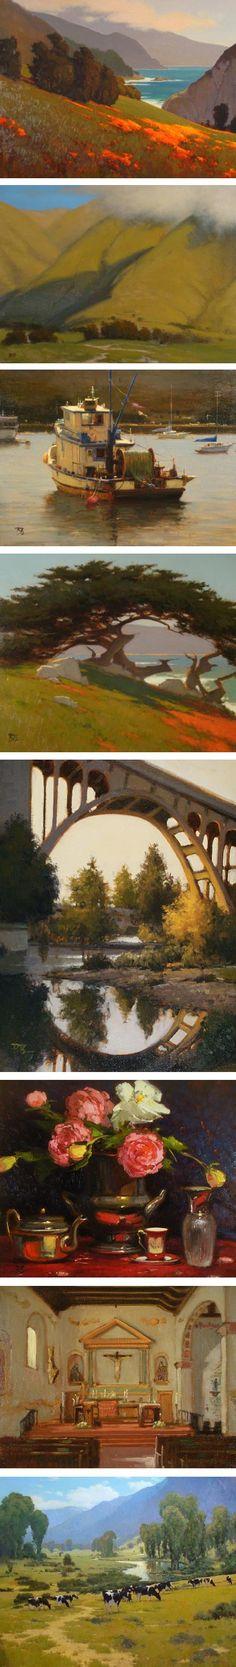 California plein air painter Brian Blood